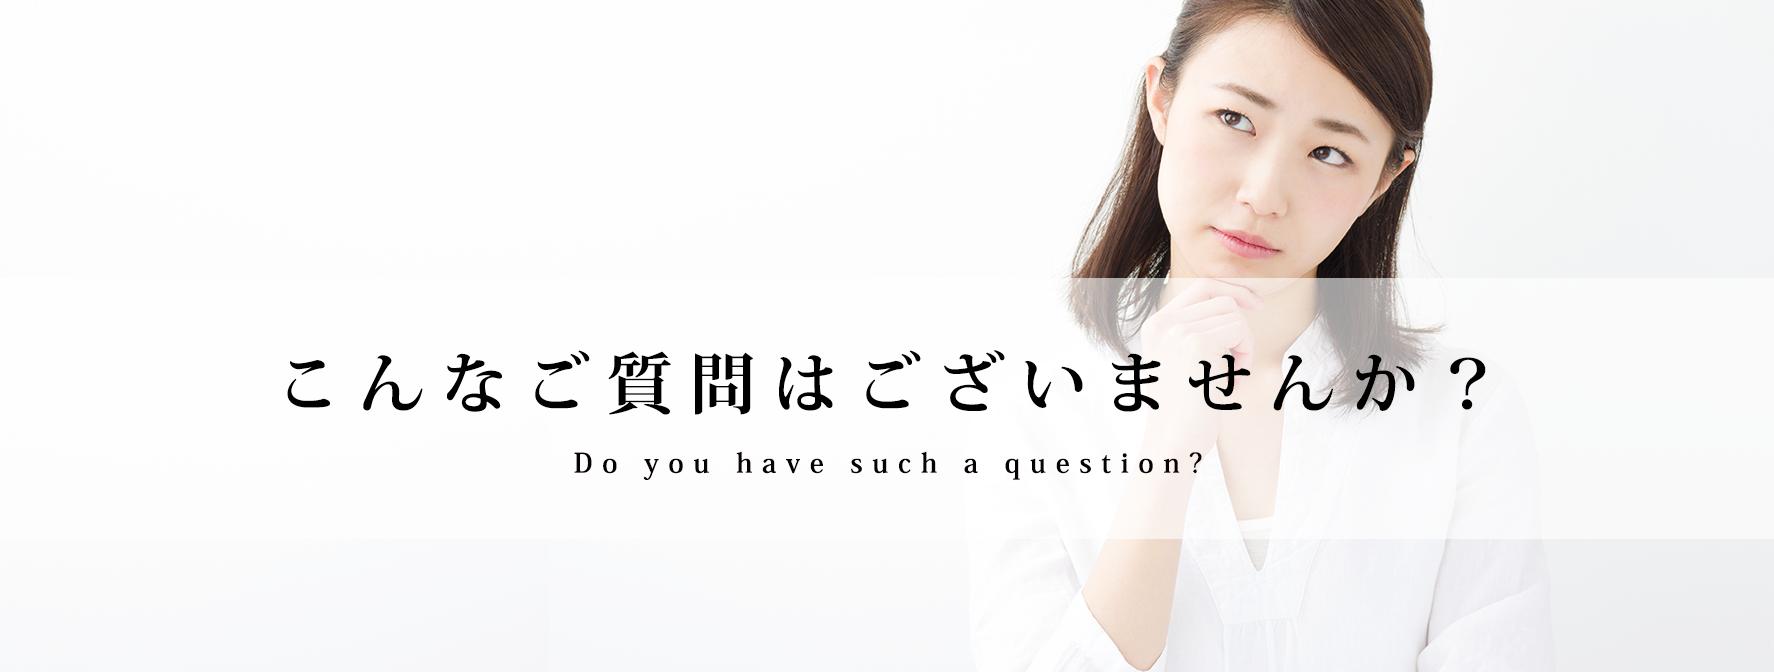 こんなご質問はございませんか?